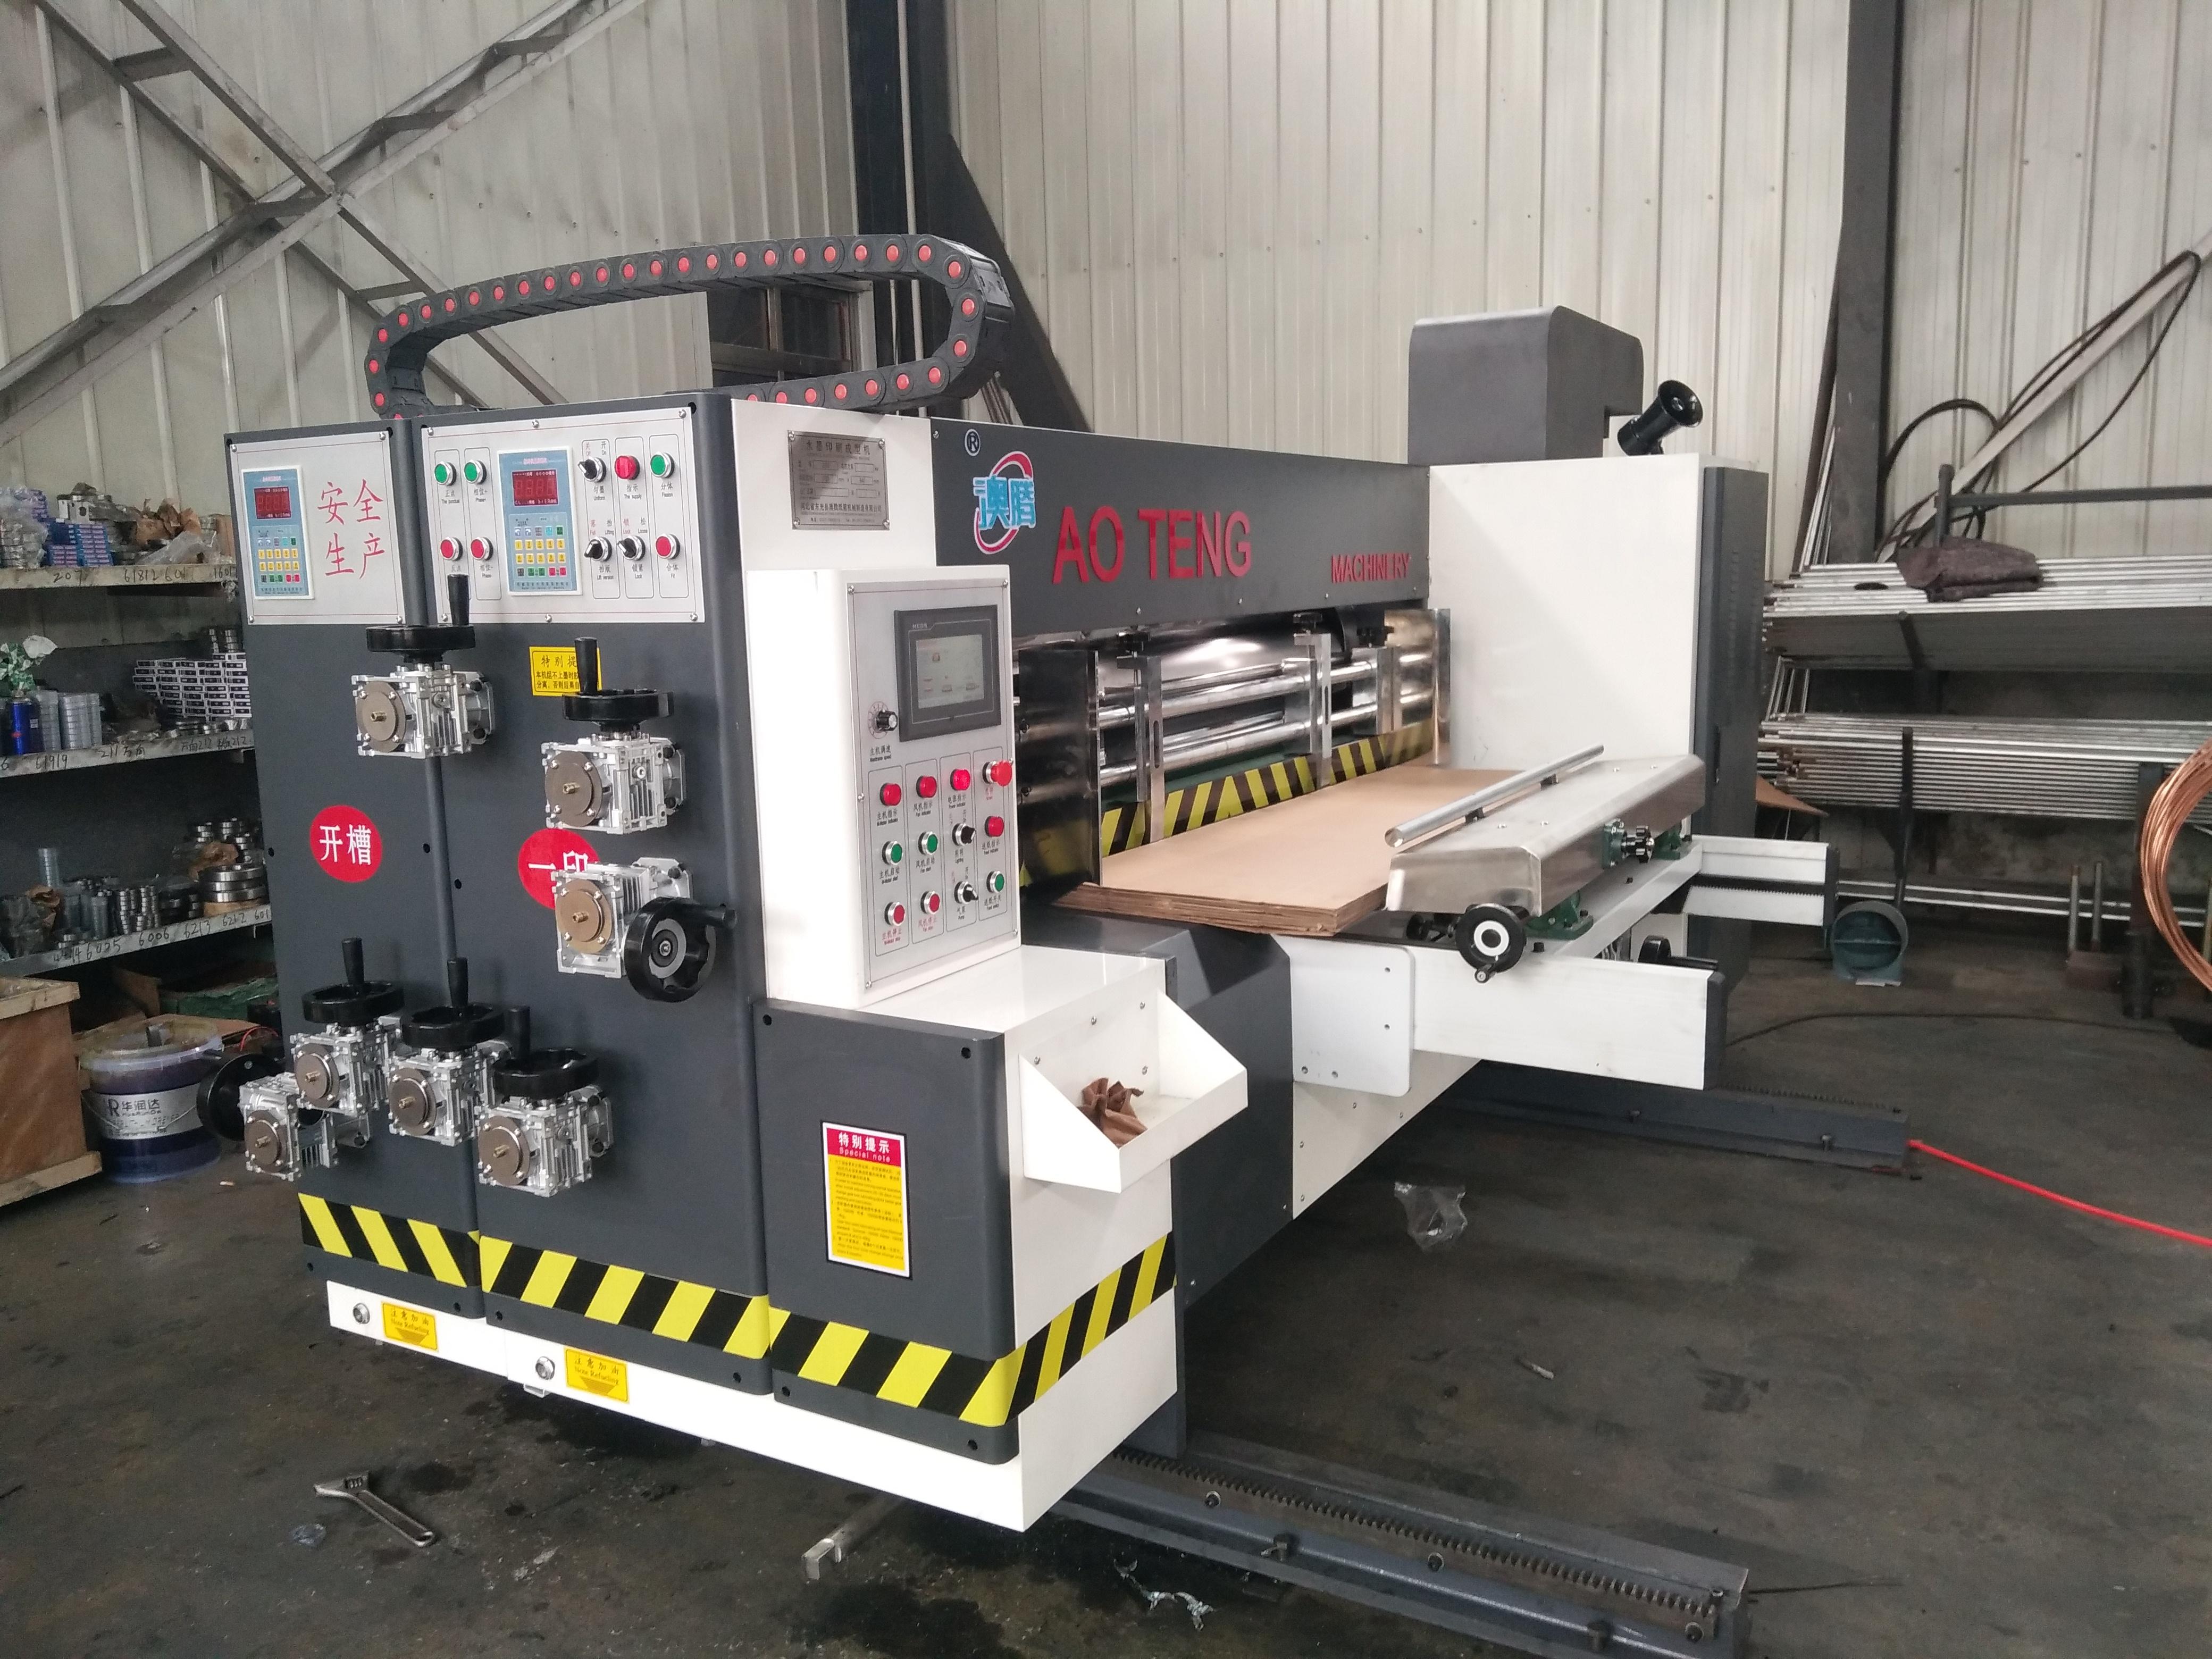 杭州淘宝印刷开槽机|杭州淘宝印刷开槽机优质供应商|杭州淘宝印刷开槽机报价